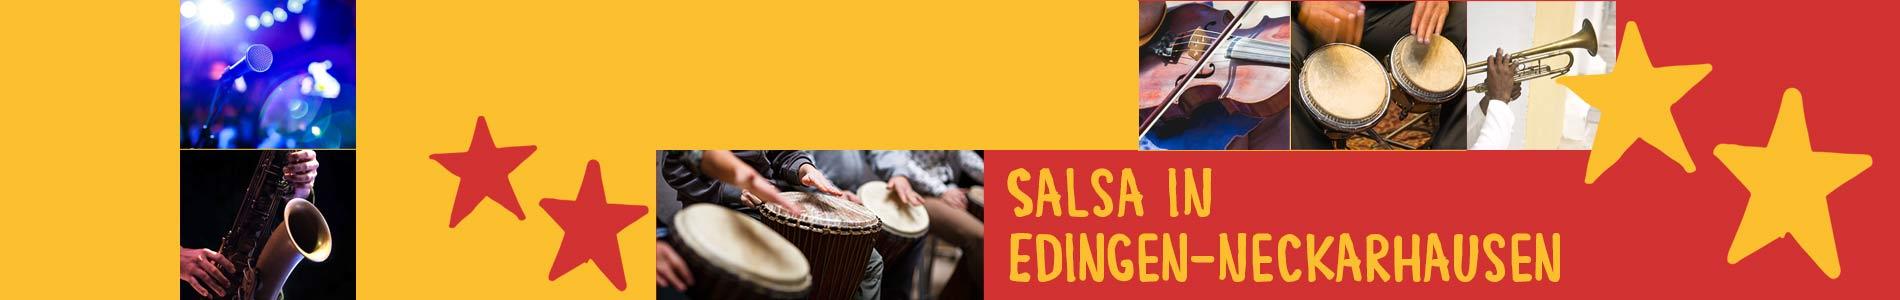 Salsa in Edingen-Neckarhausen – Salsa lernen und tanzen, Tanzkurse, Partys, Veranstaltungen